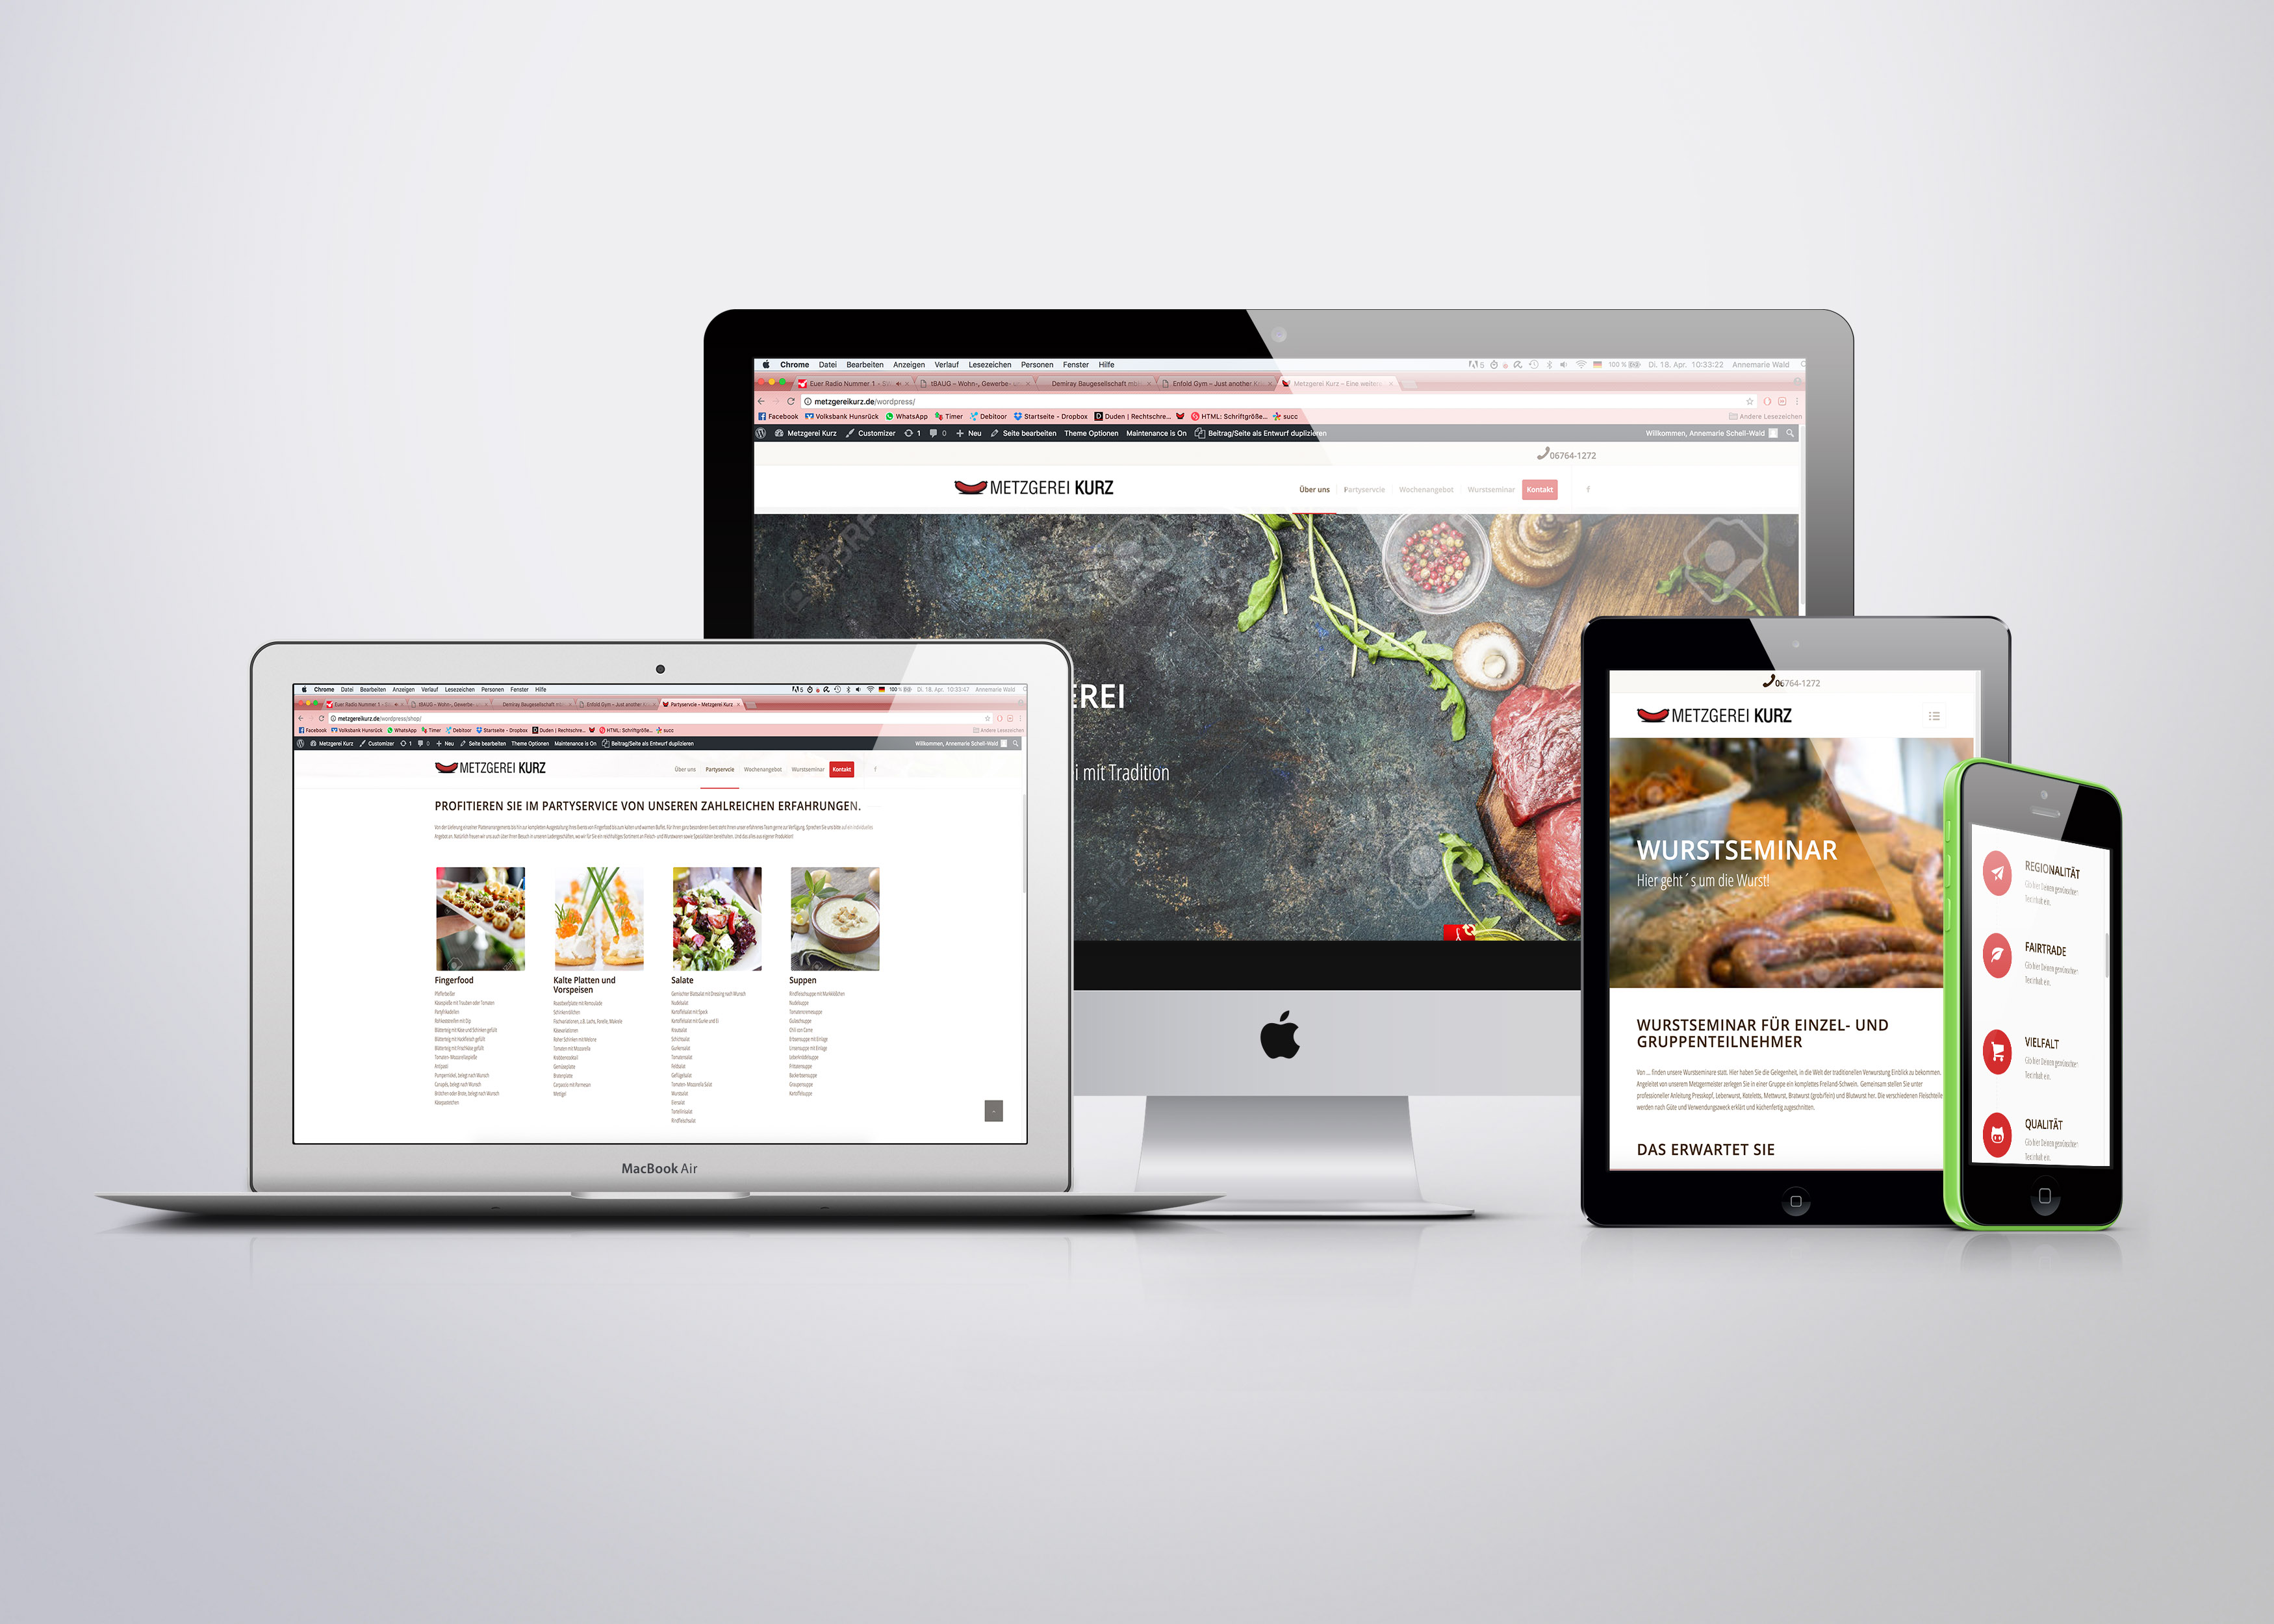 schell-Wald Design Grafik- und Webdesign kurz6